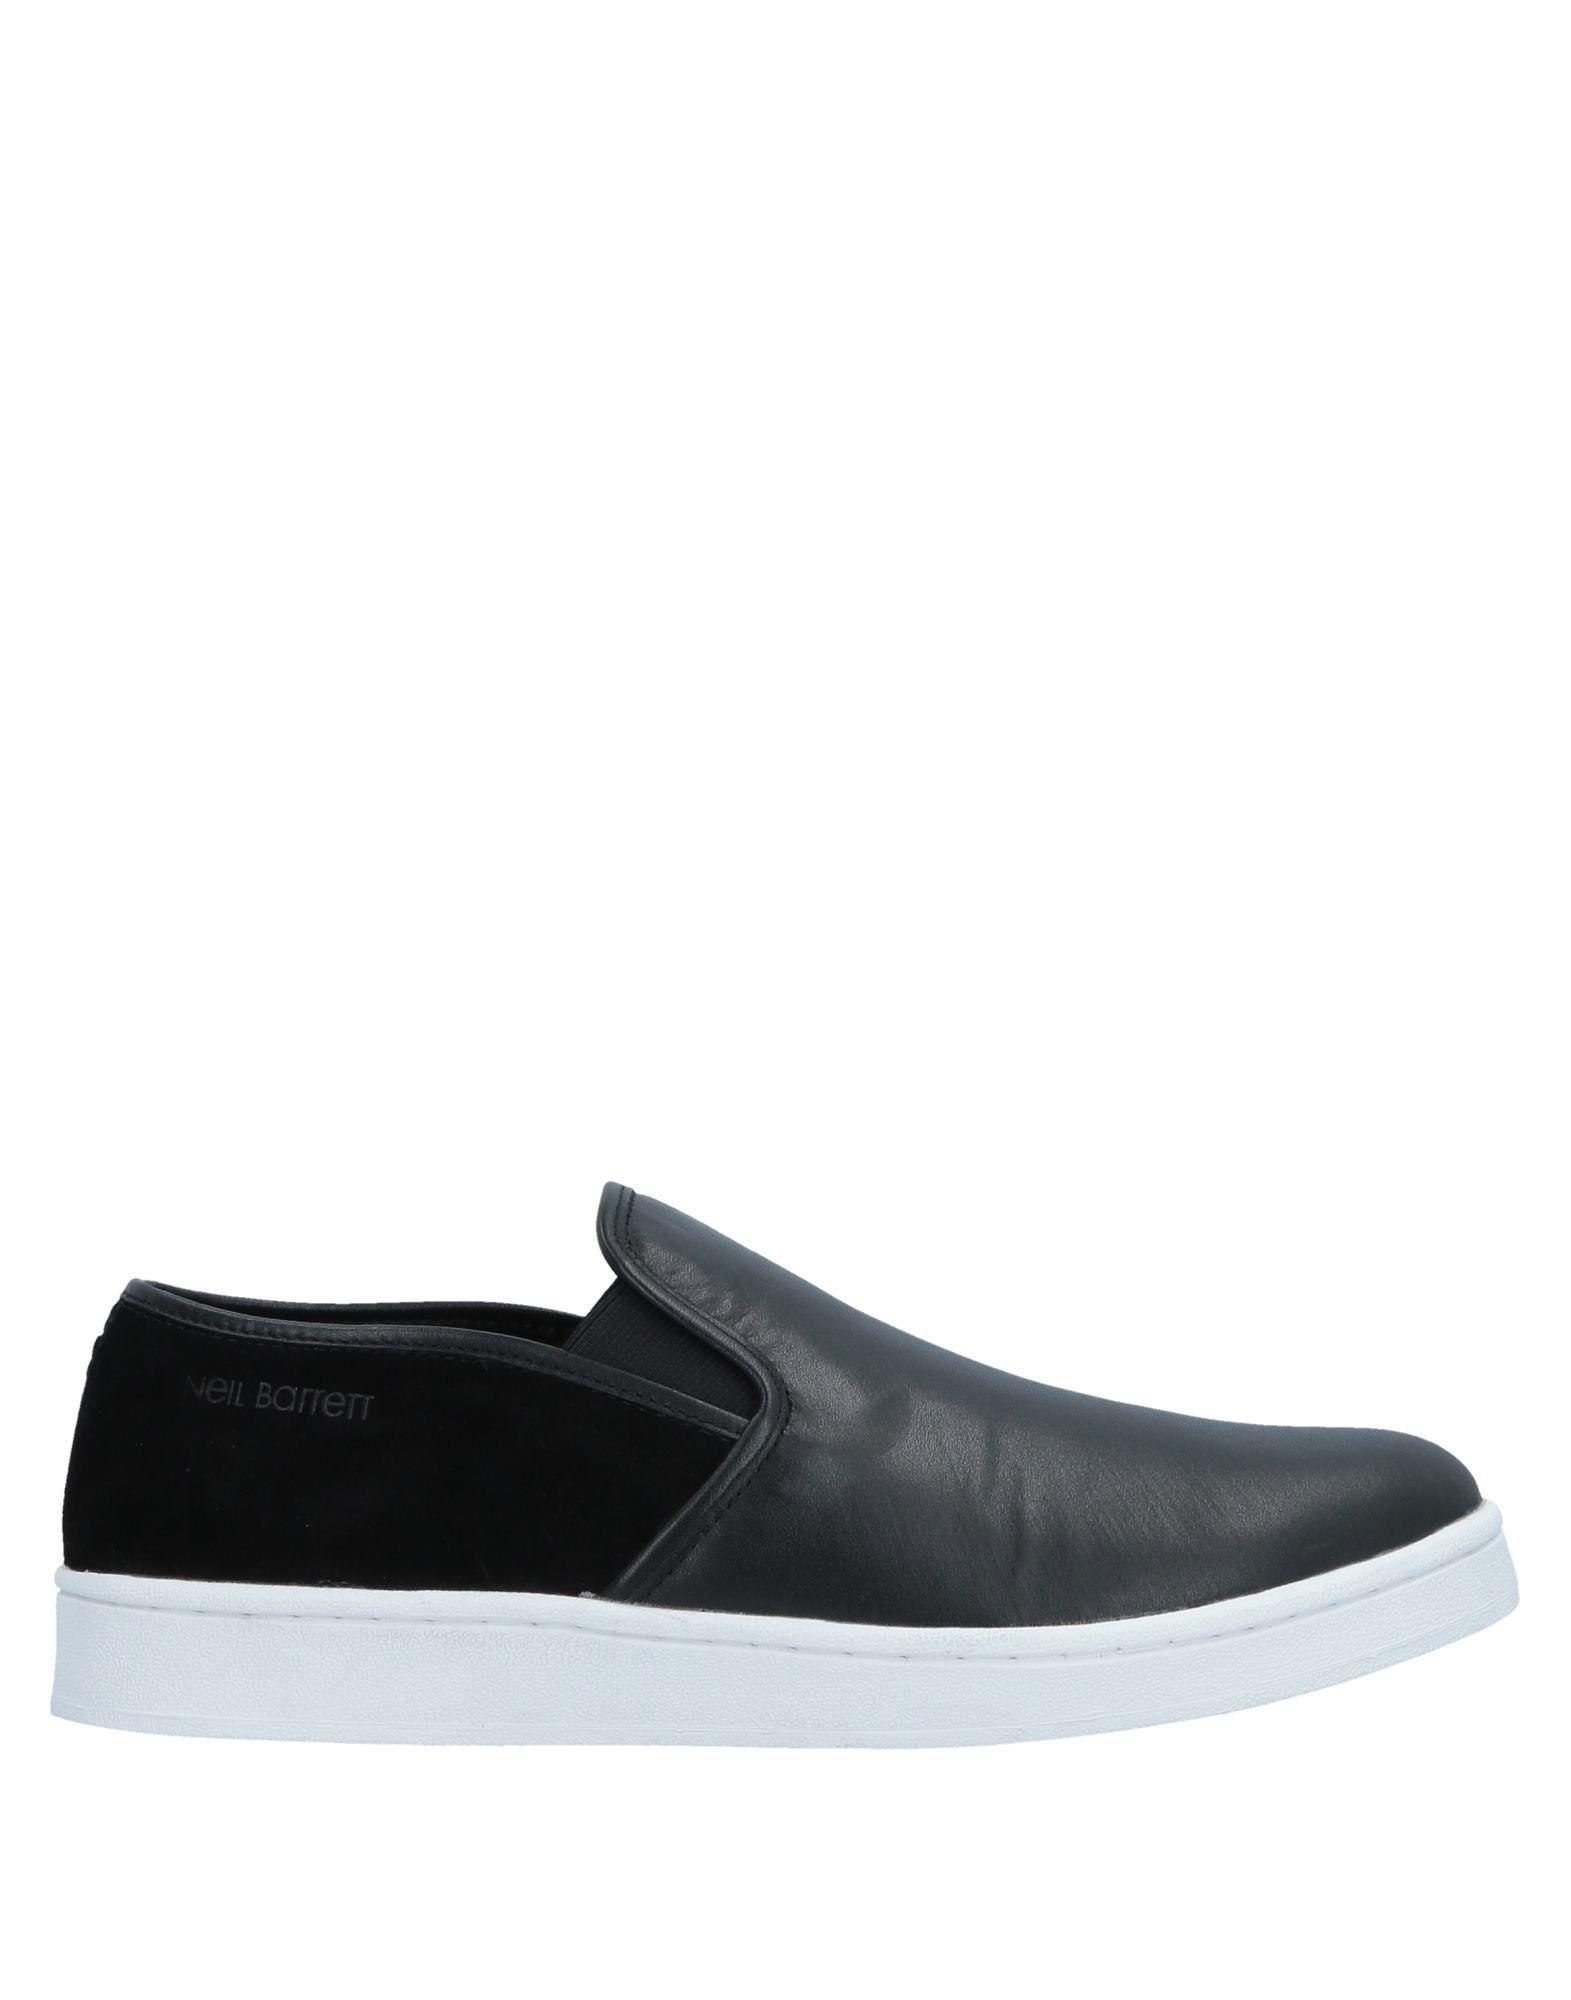 Neil Barrett Sneakers Herren  11522274RS Gute Qualität beliebte Schuhe